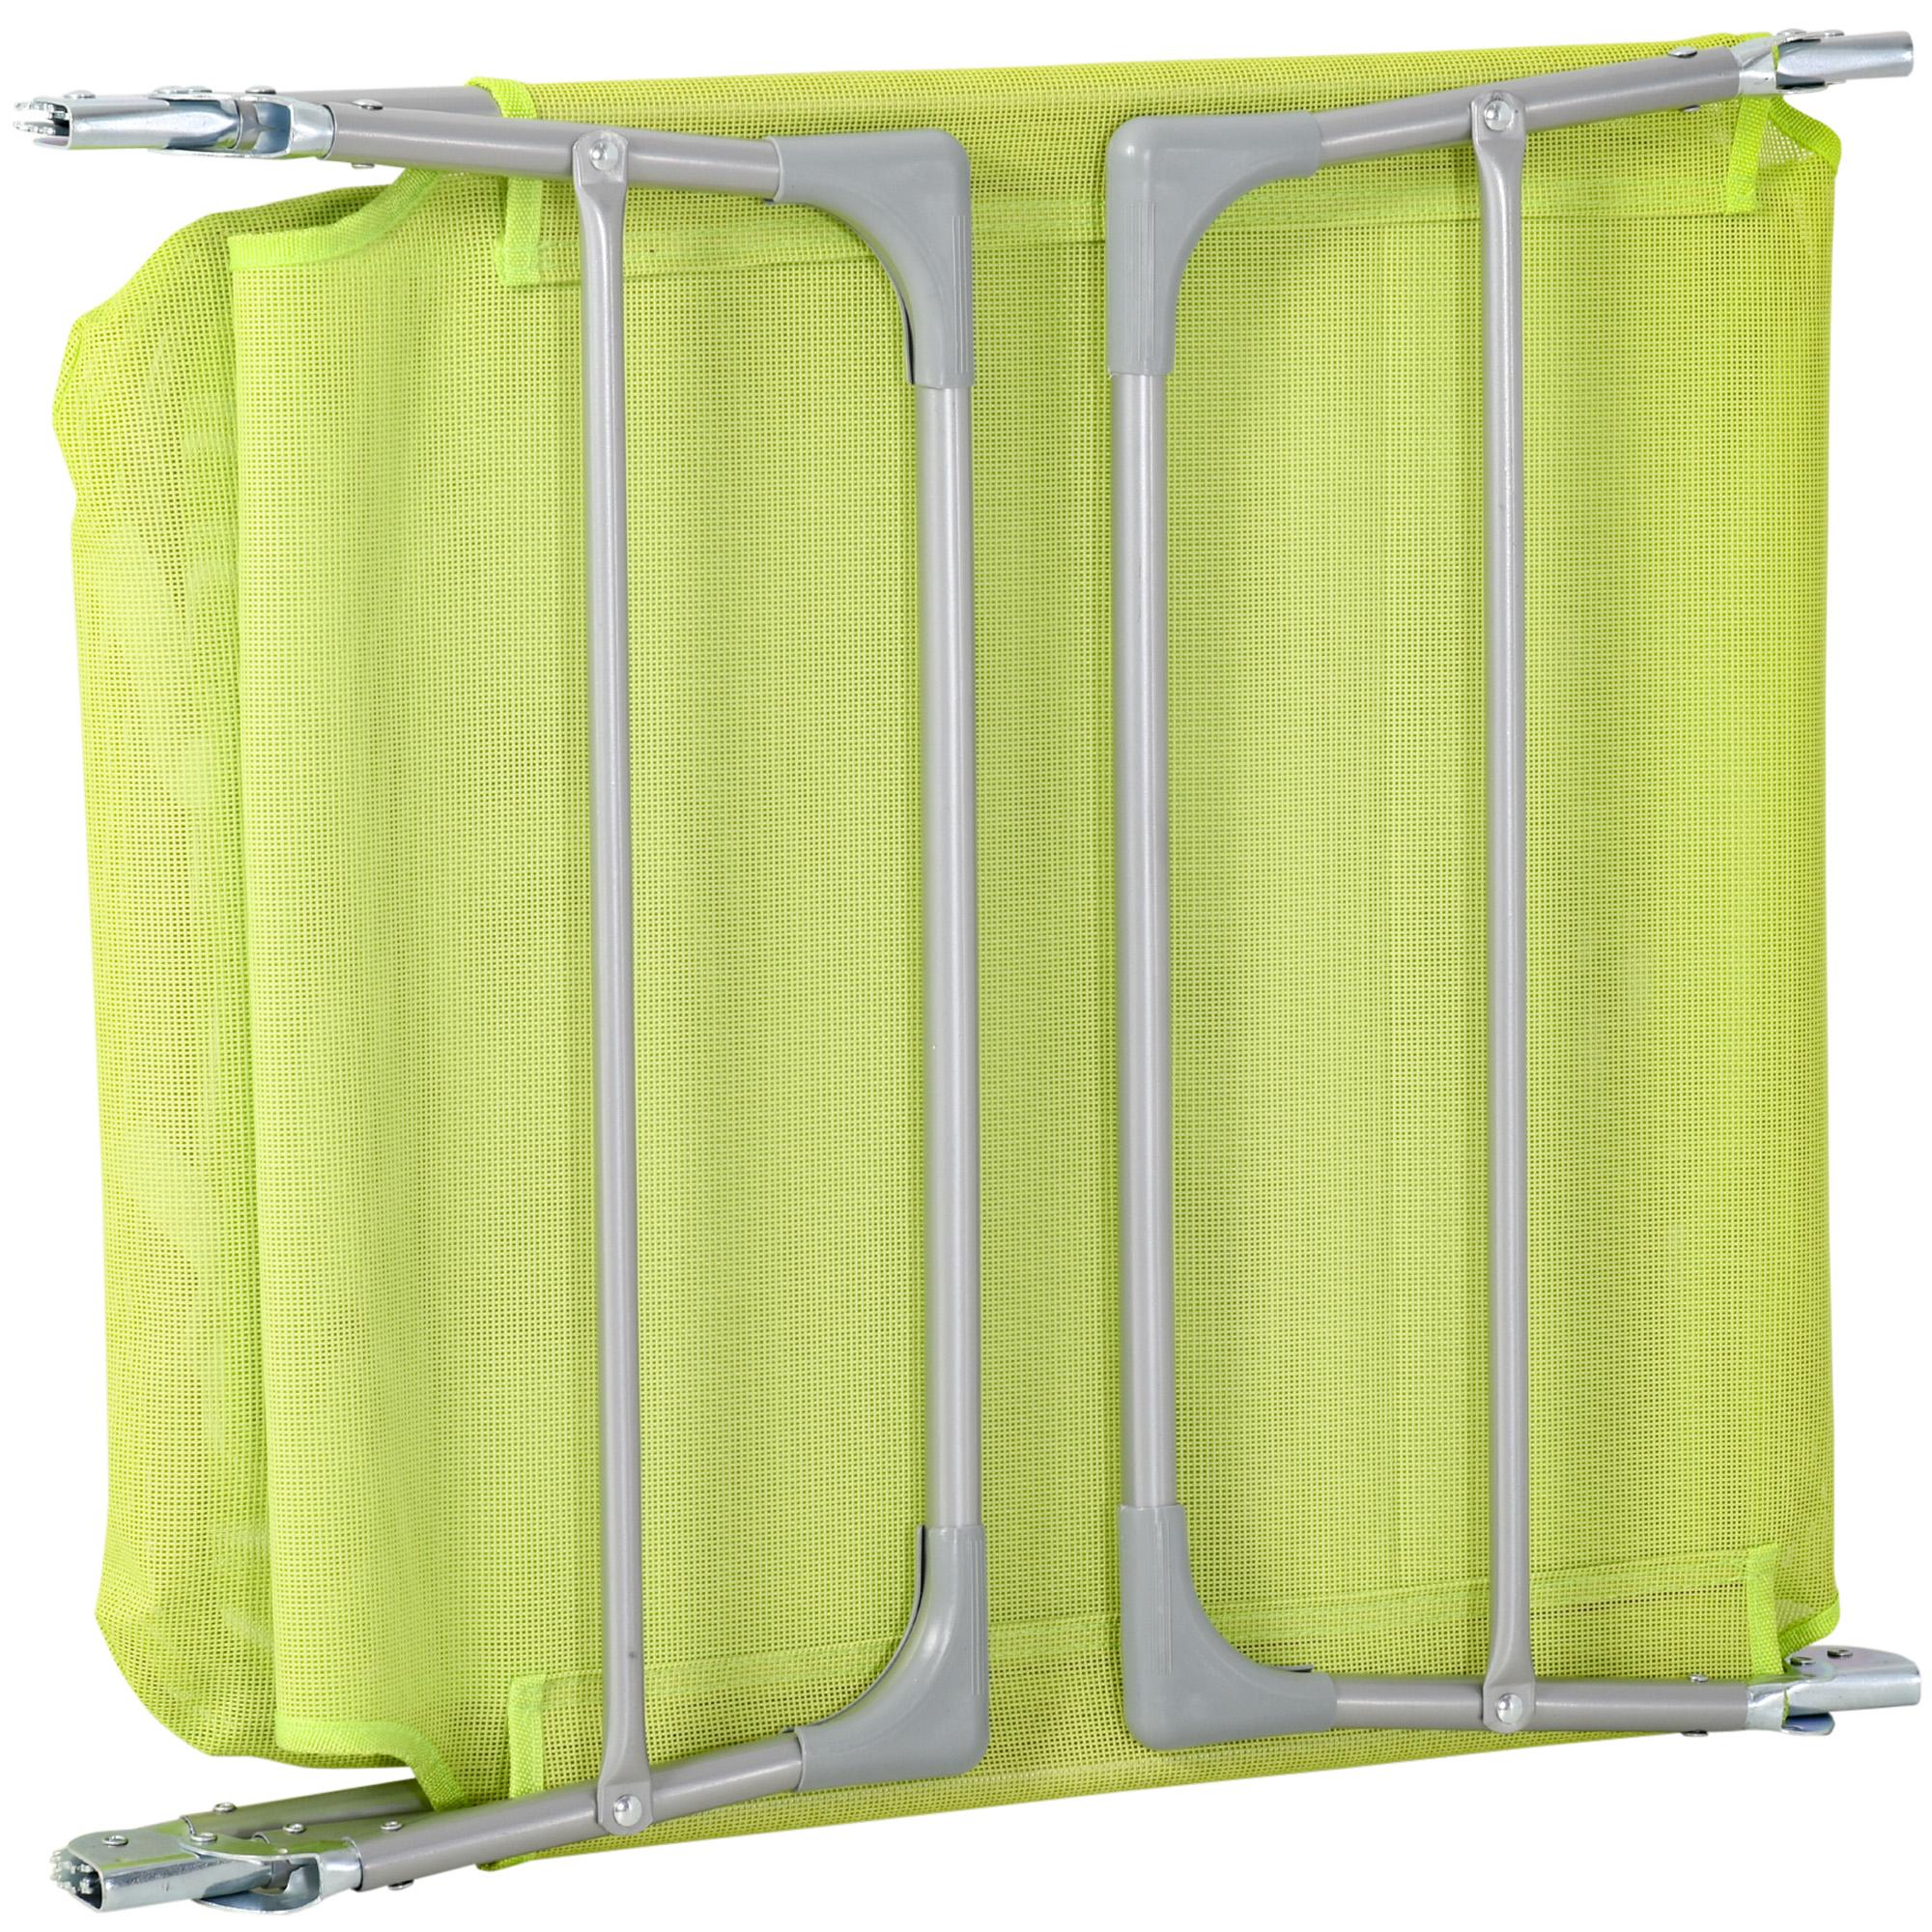 miniatura 30 - Tumbona Plegable y Reclinable con Reposacabezas y Respaldo Ajustable COLOR